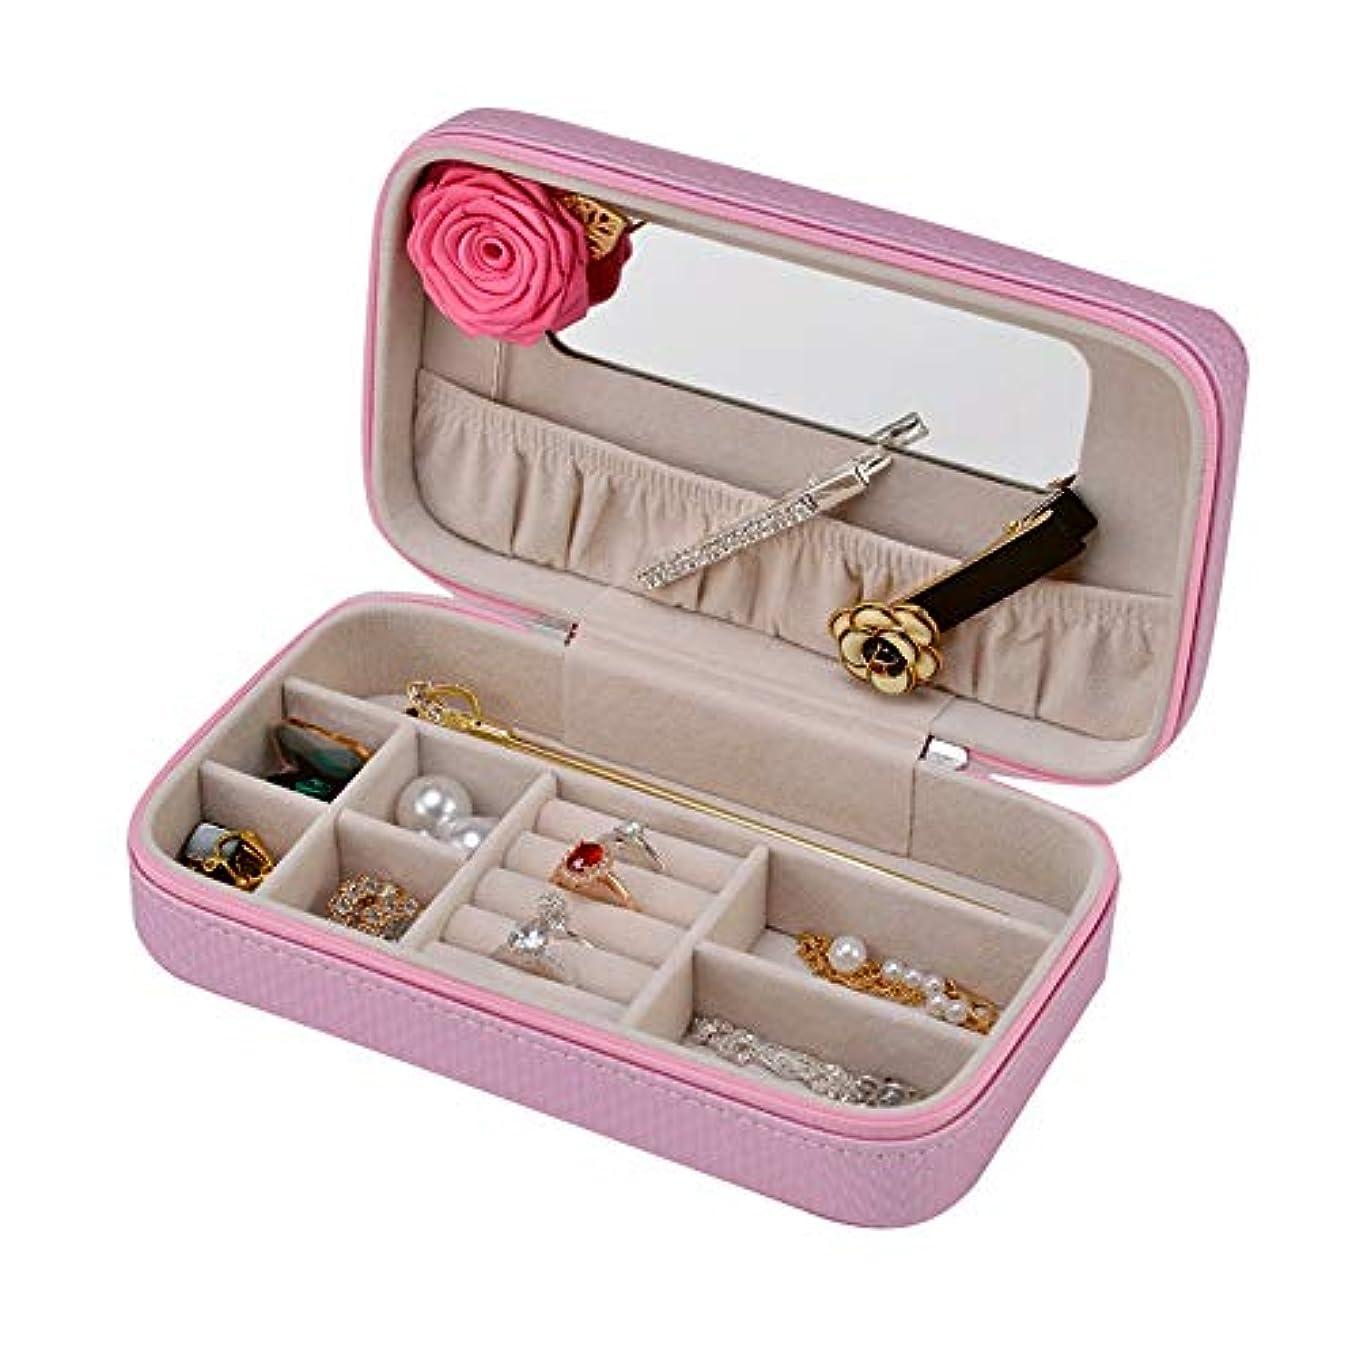 火曜日かわいらしい浅い化粧オーガナイザーバッグ 丈夫な女性のジュエリーのストレージの木箱小物のストレージのための 化粧品ケース (色 : 紫の)